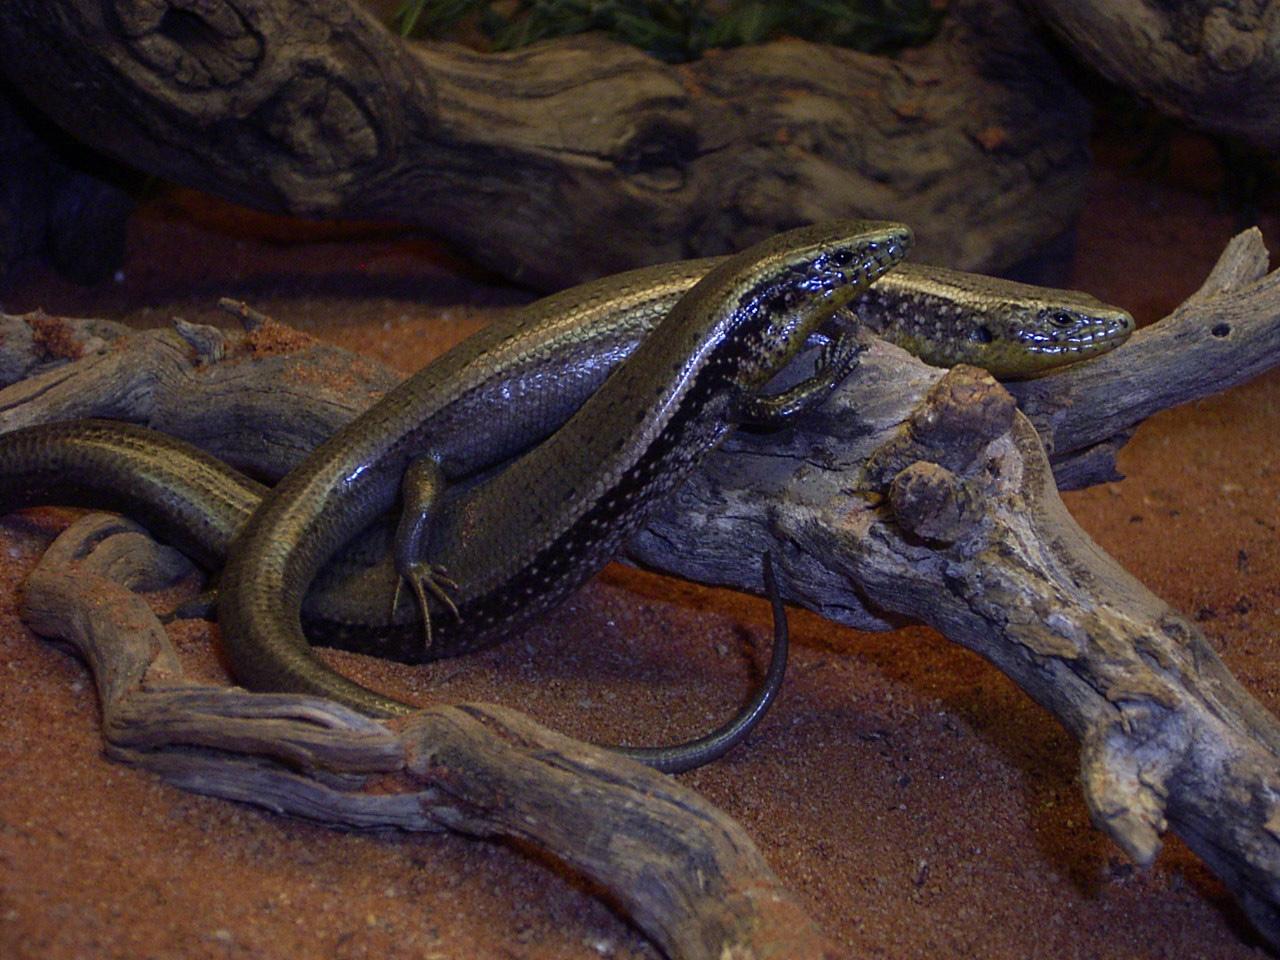 Chalcides s. bistriatus-1.JPG